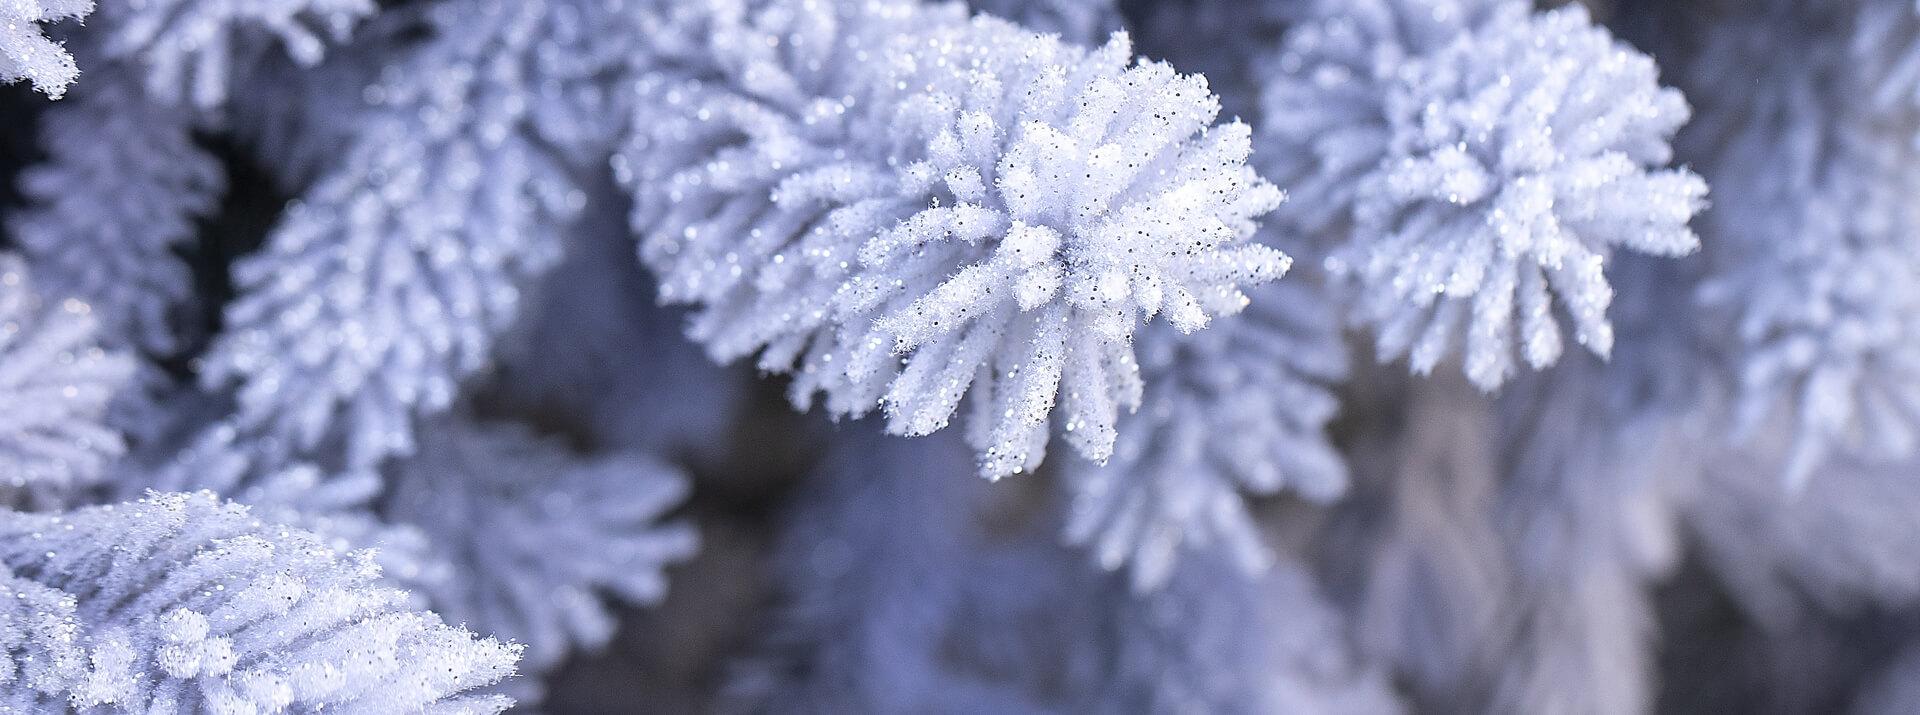 Sapins naturels glacés